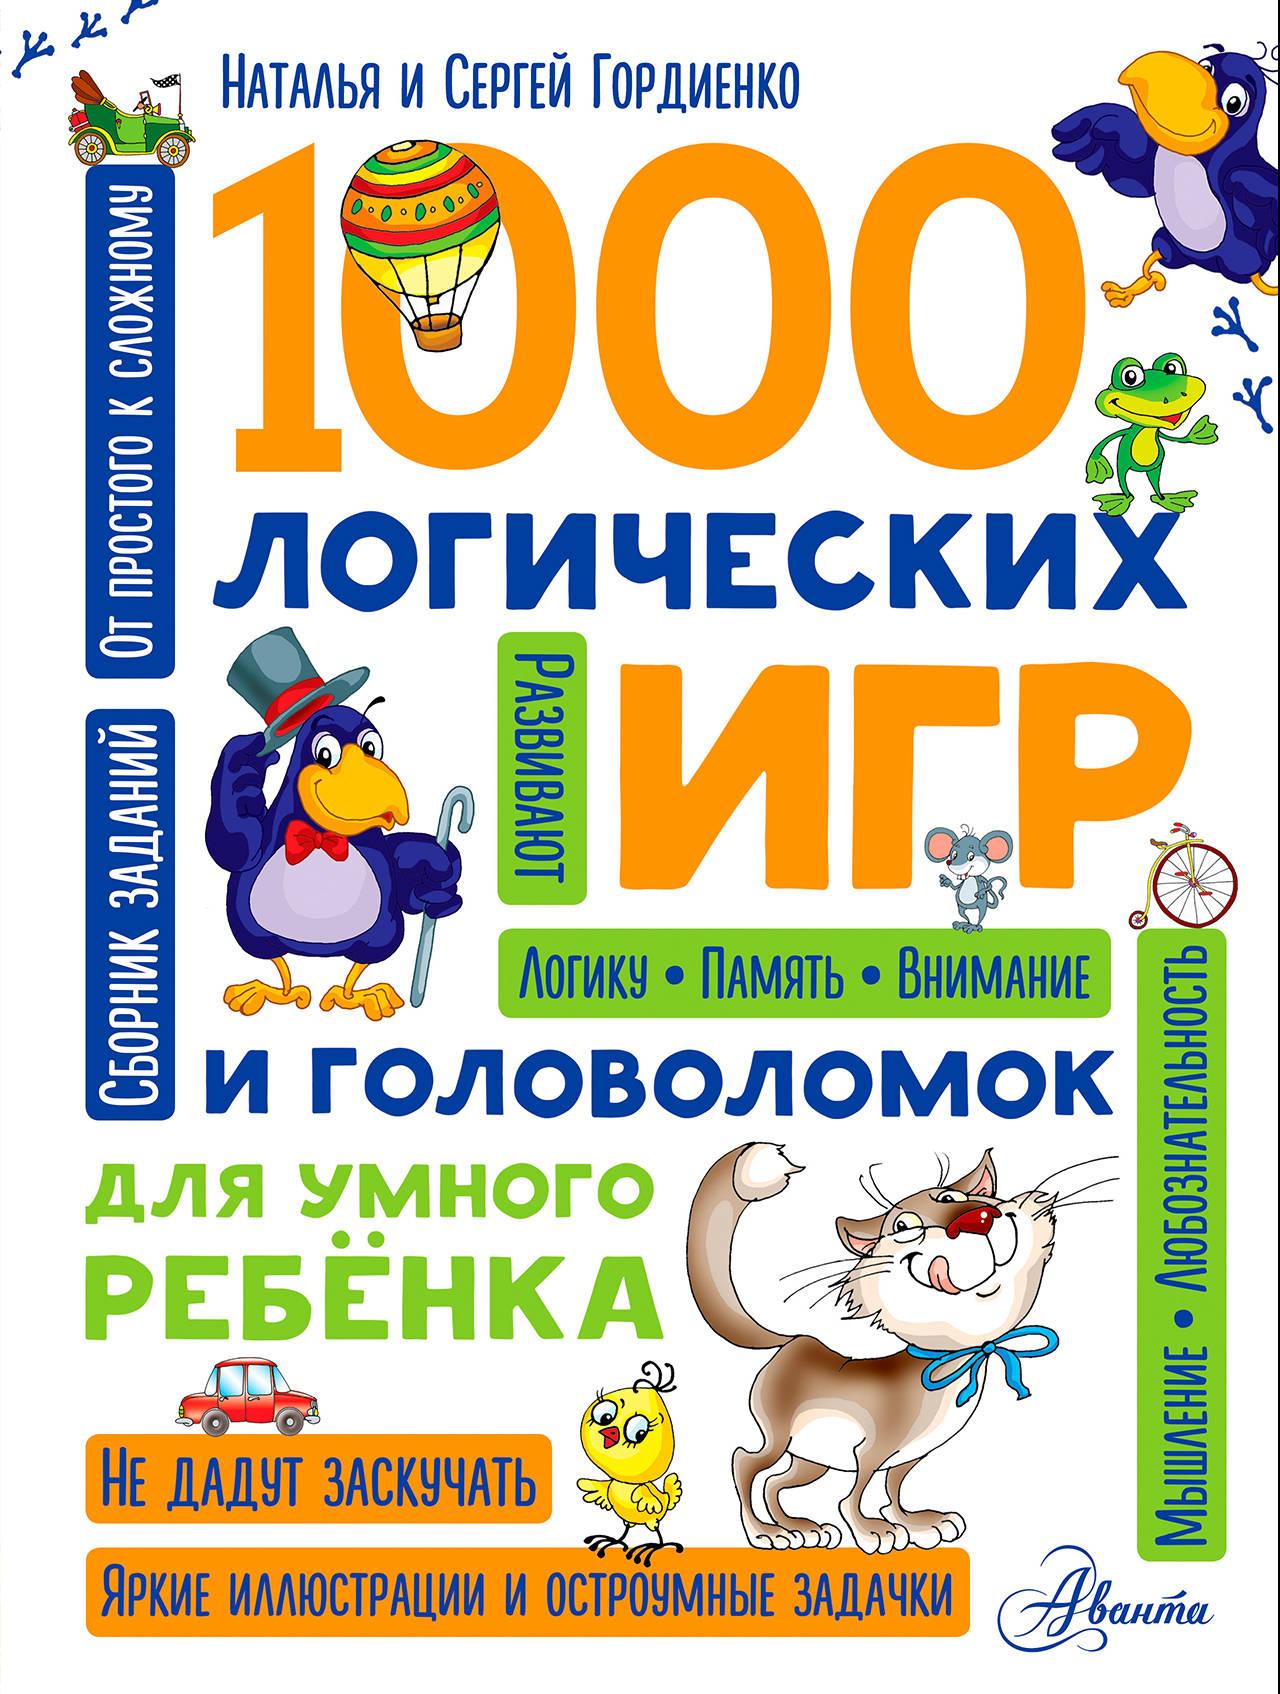 Фото - Наталья и Сергей Гордиенко 1000 логических игр и головоломок для умного ребенка отсутствует лучшая книга логических игр и головоломок для самых умных